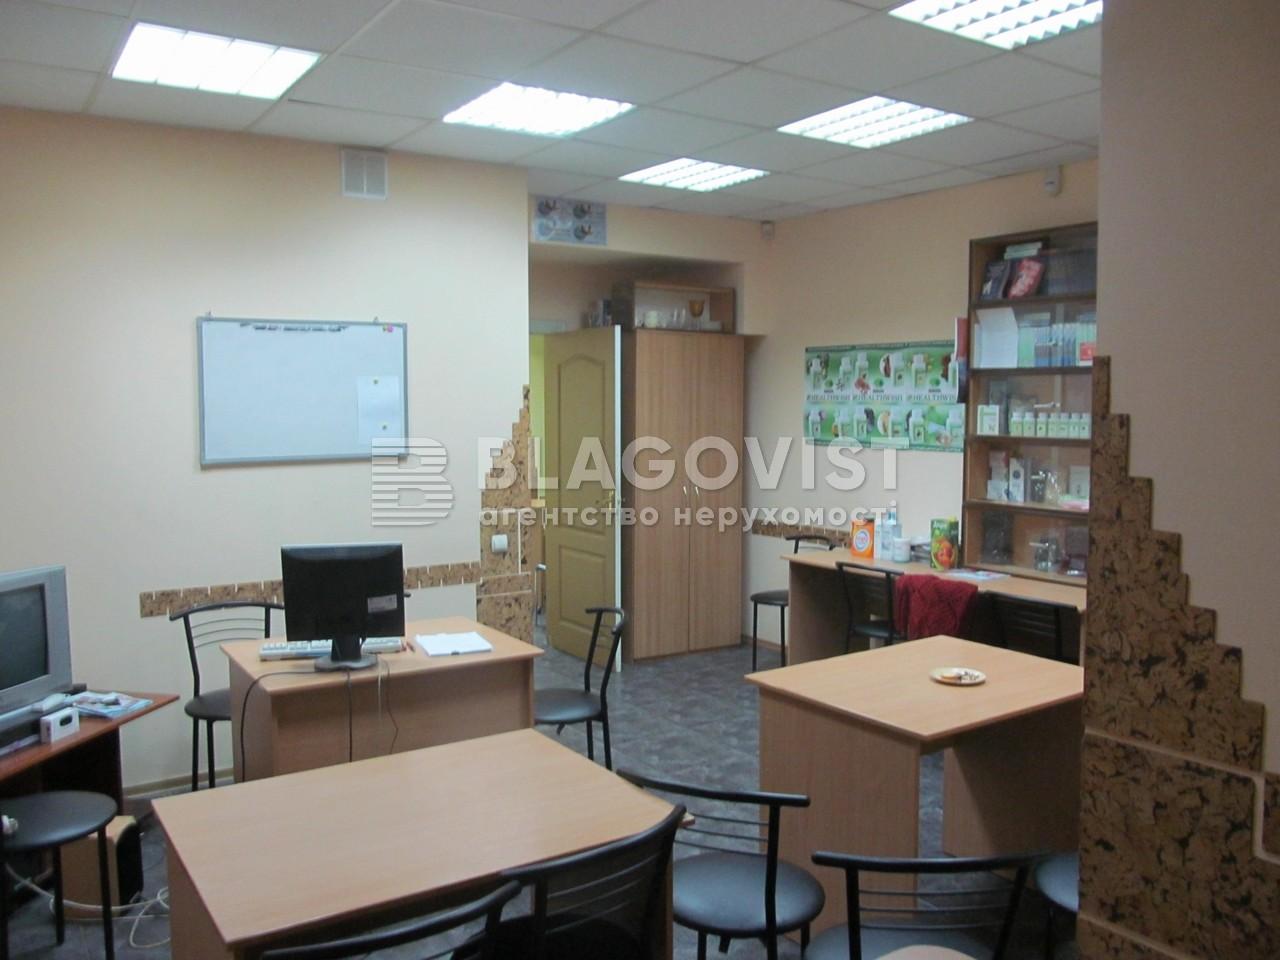 Нежилое помещение, Z-1287565, Воздухофлотский просп., Киев - Фото 6